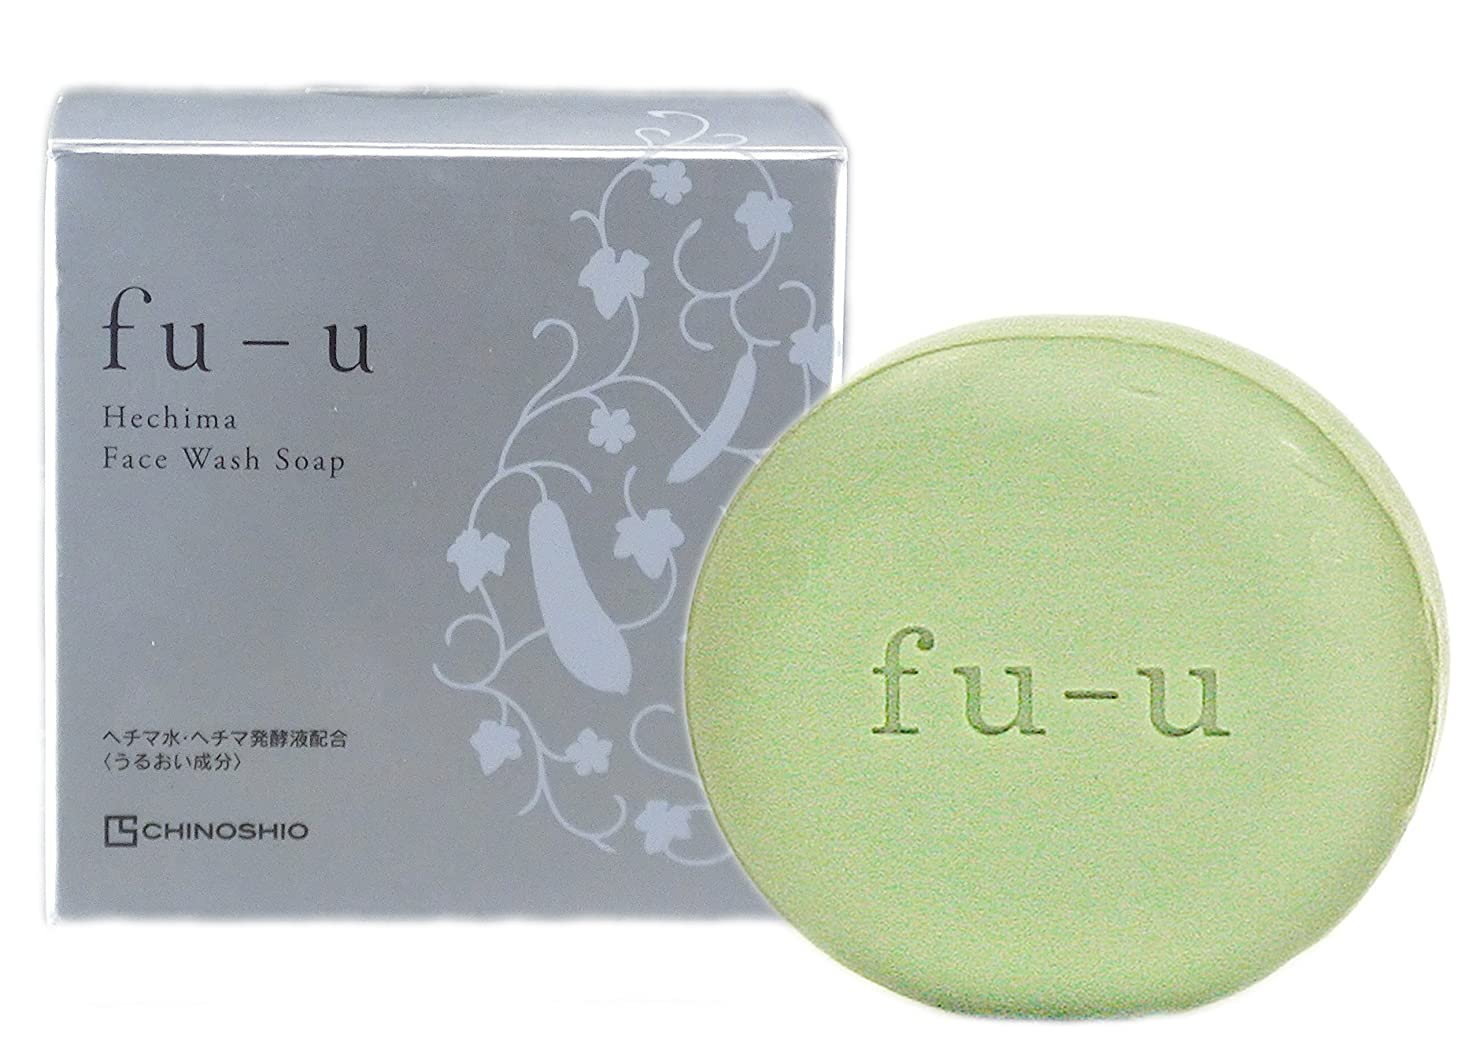 二週間手紙を書く帰るfu-u(フゥーゥ) 洗顔石けん